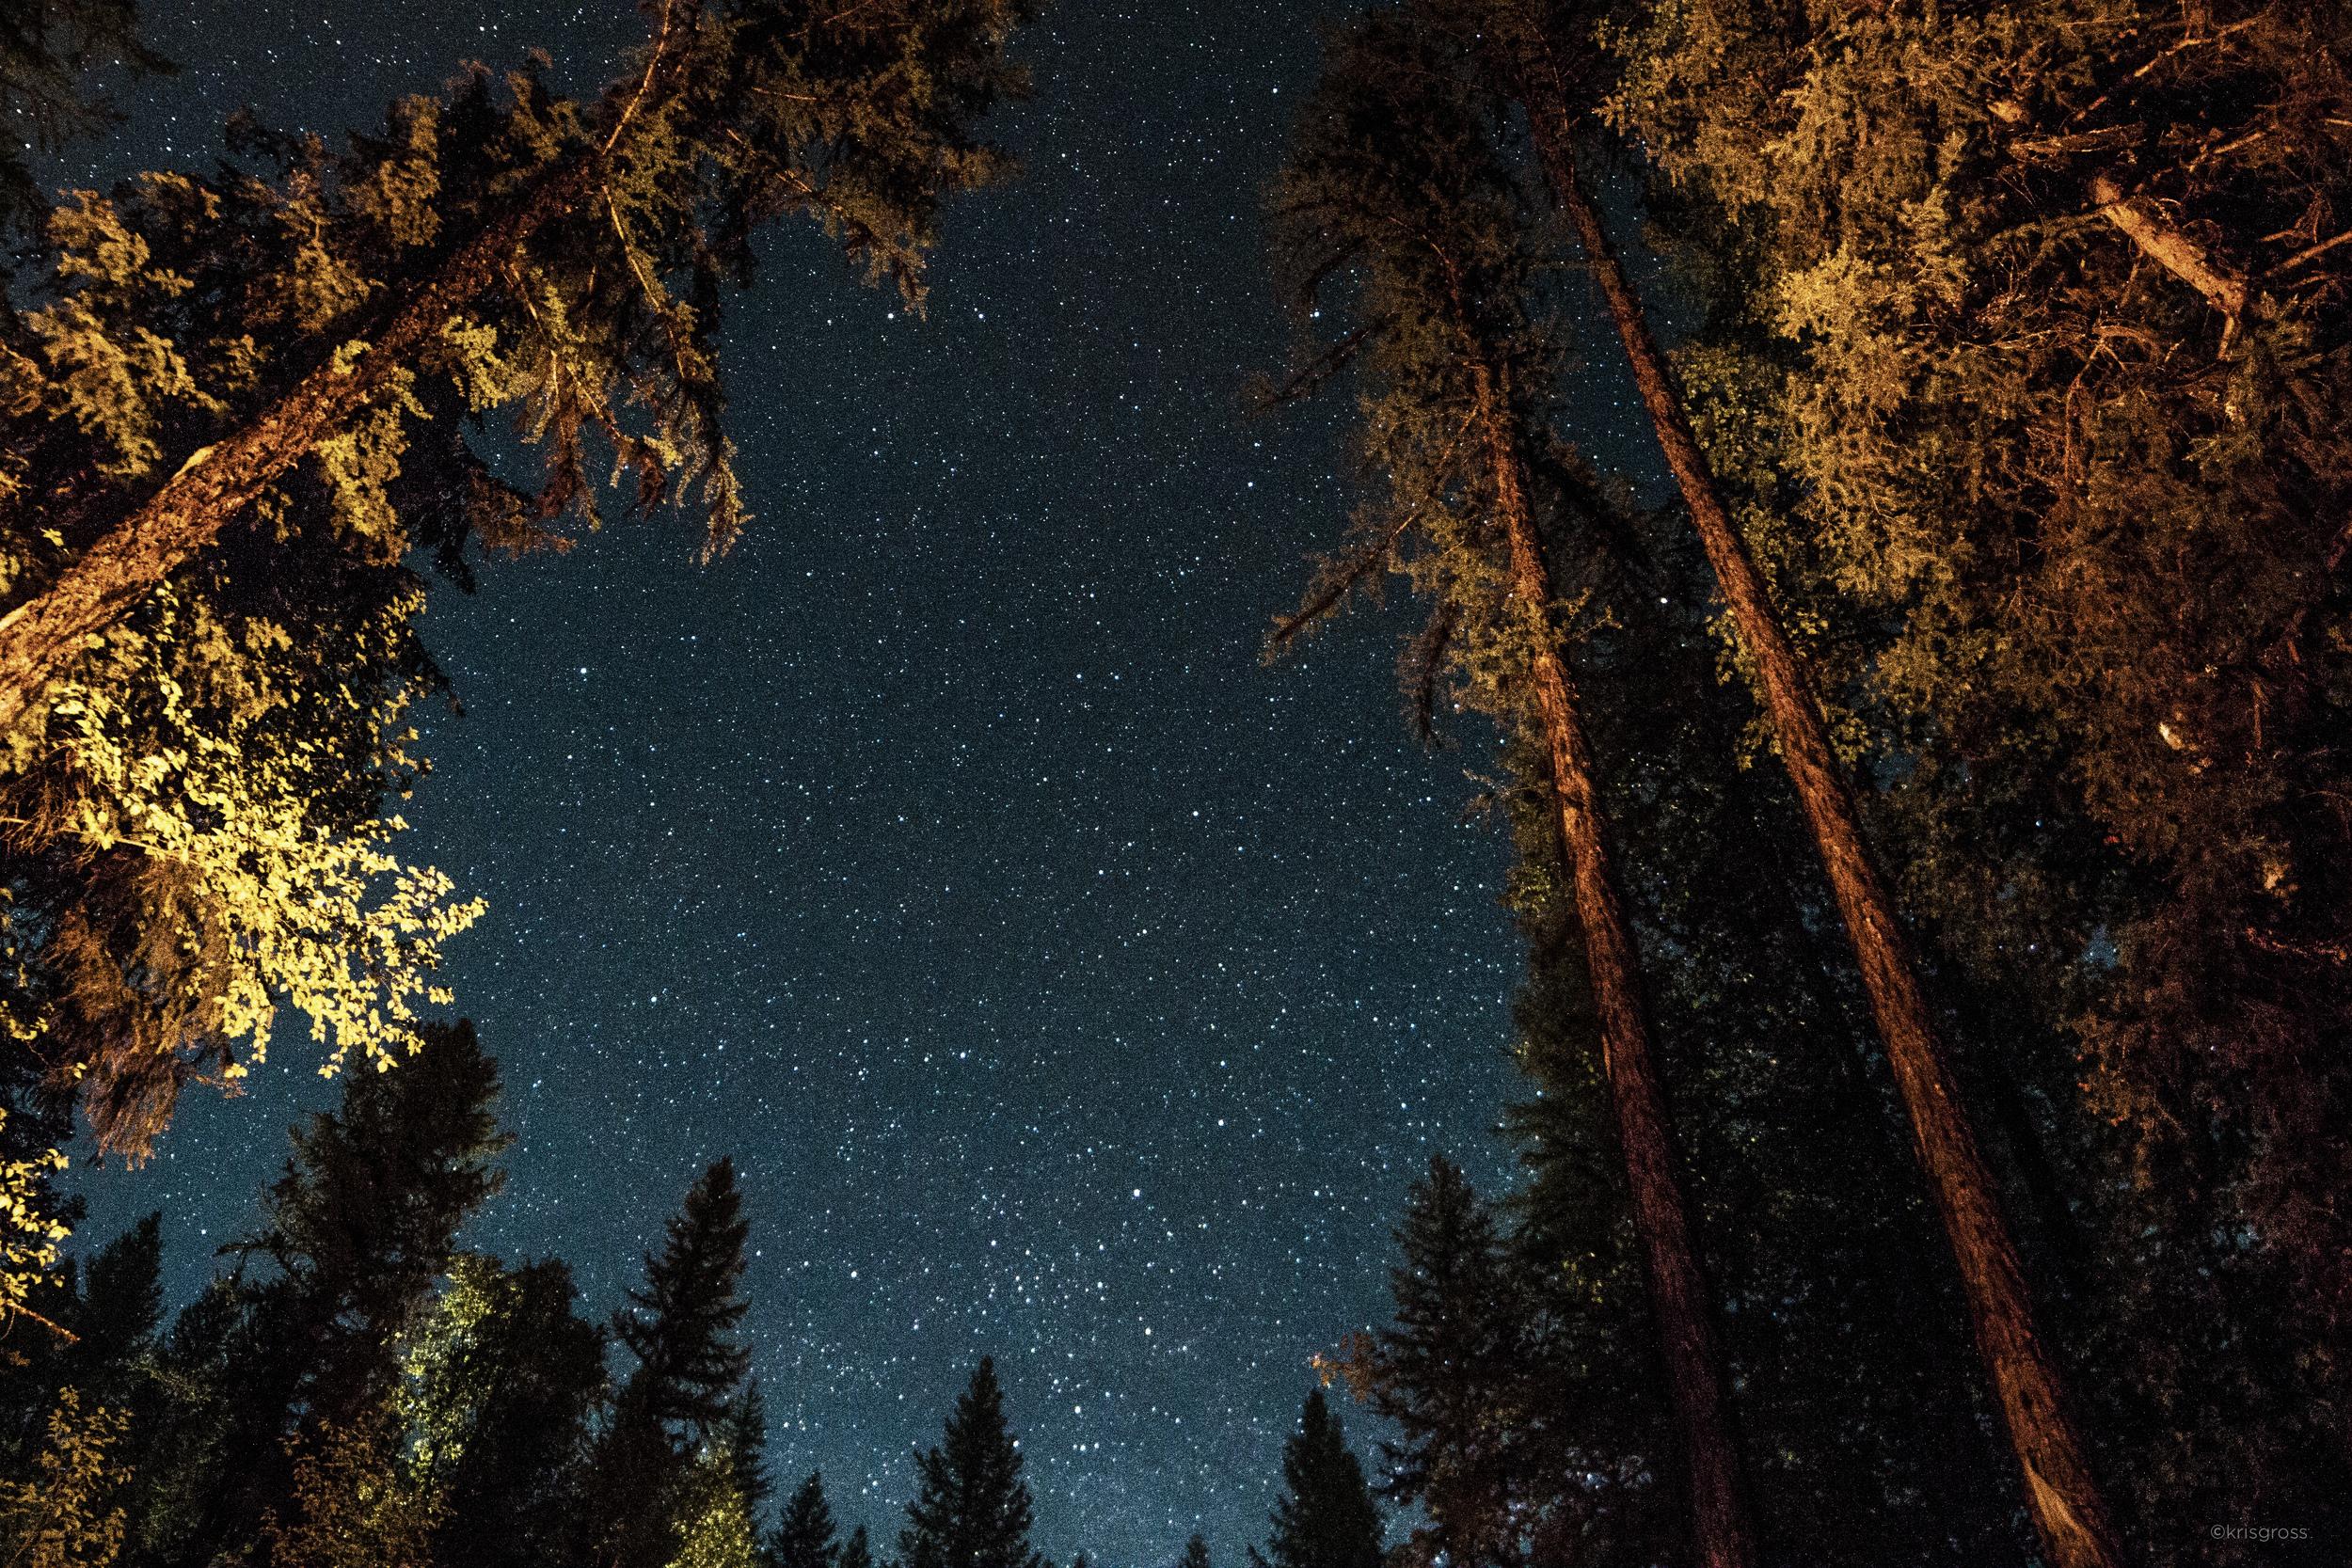 galaxy_52515